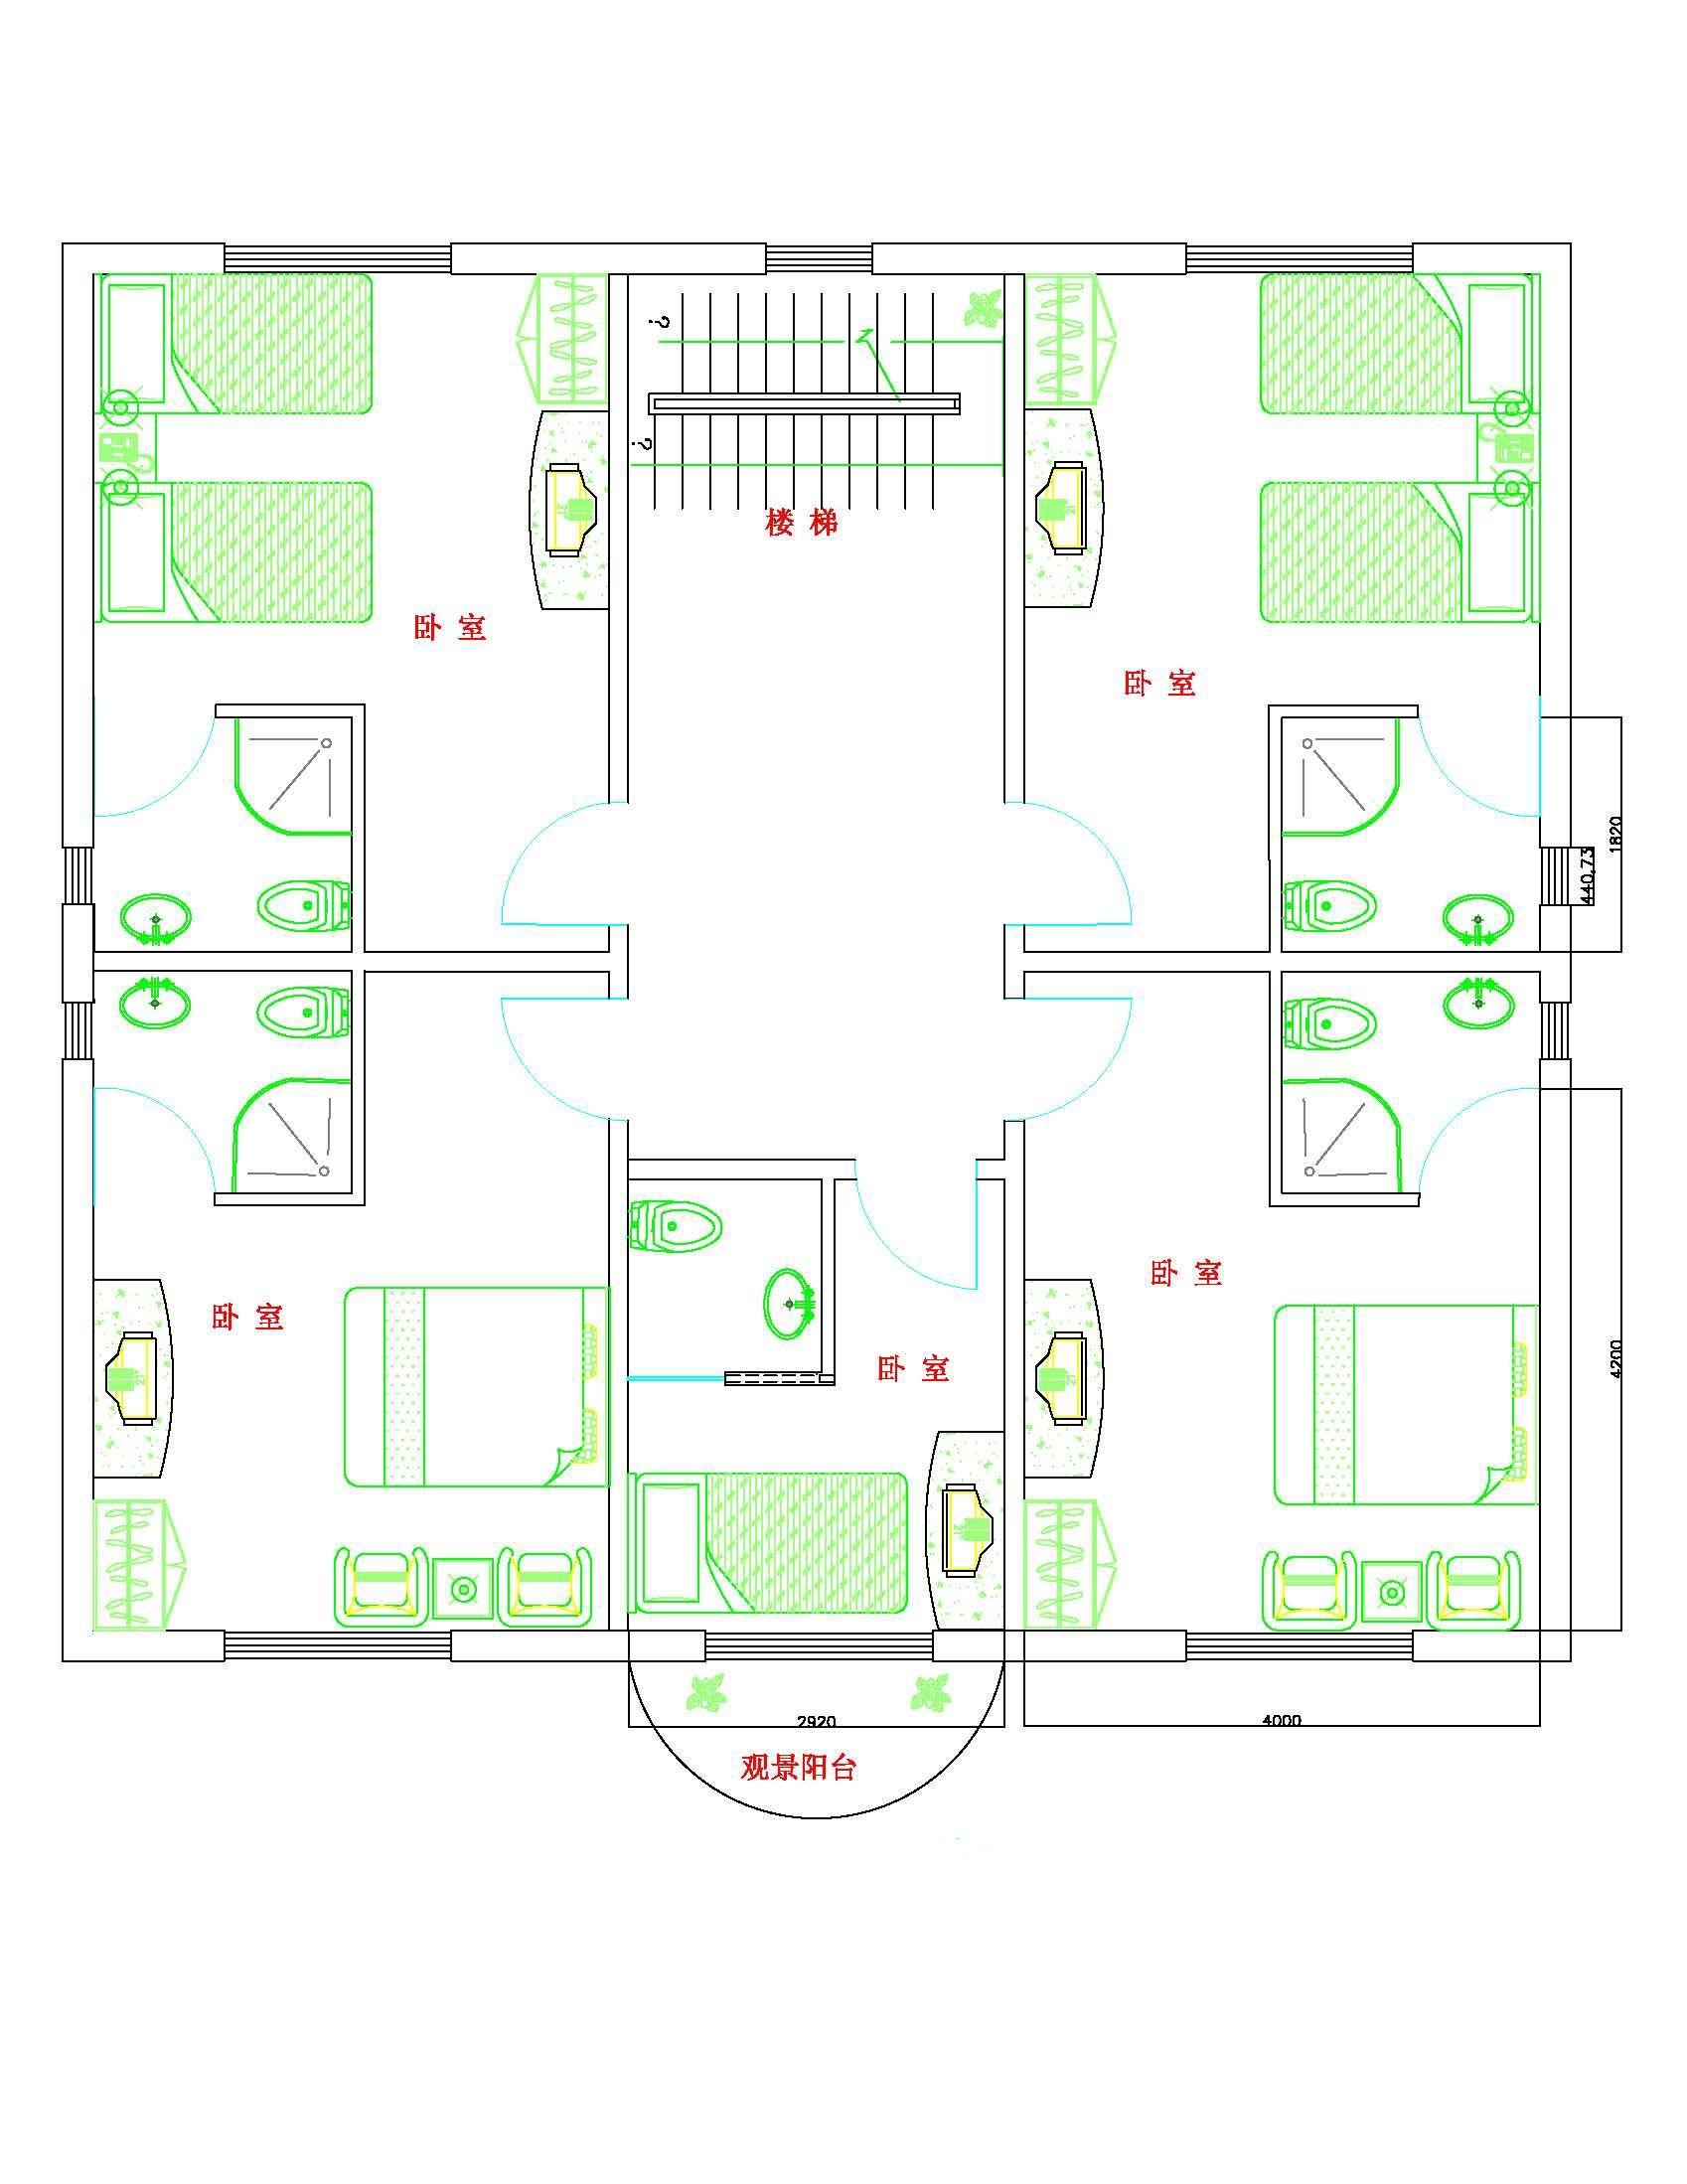 酒店大堂平面设计图展示_设计图分享